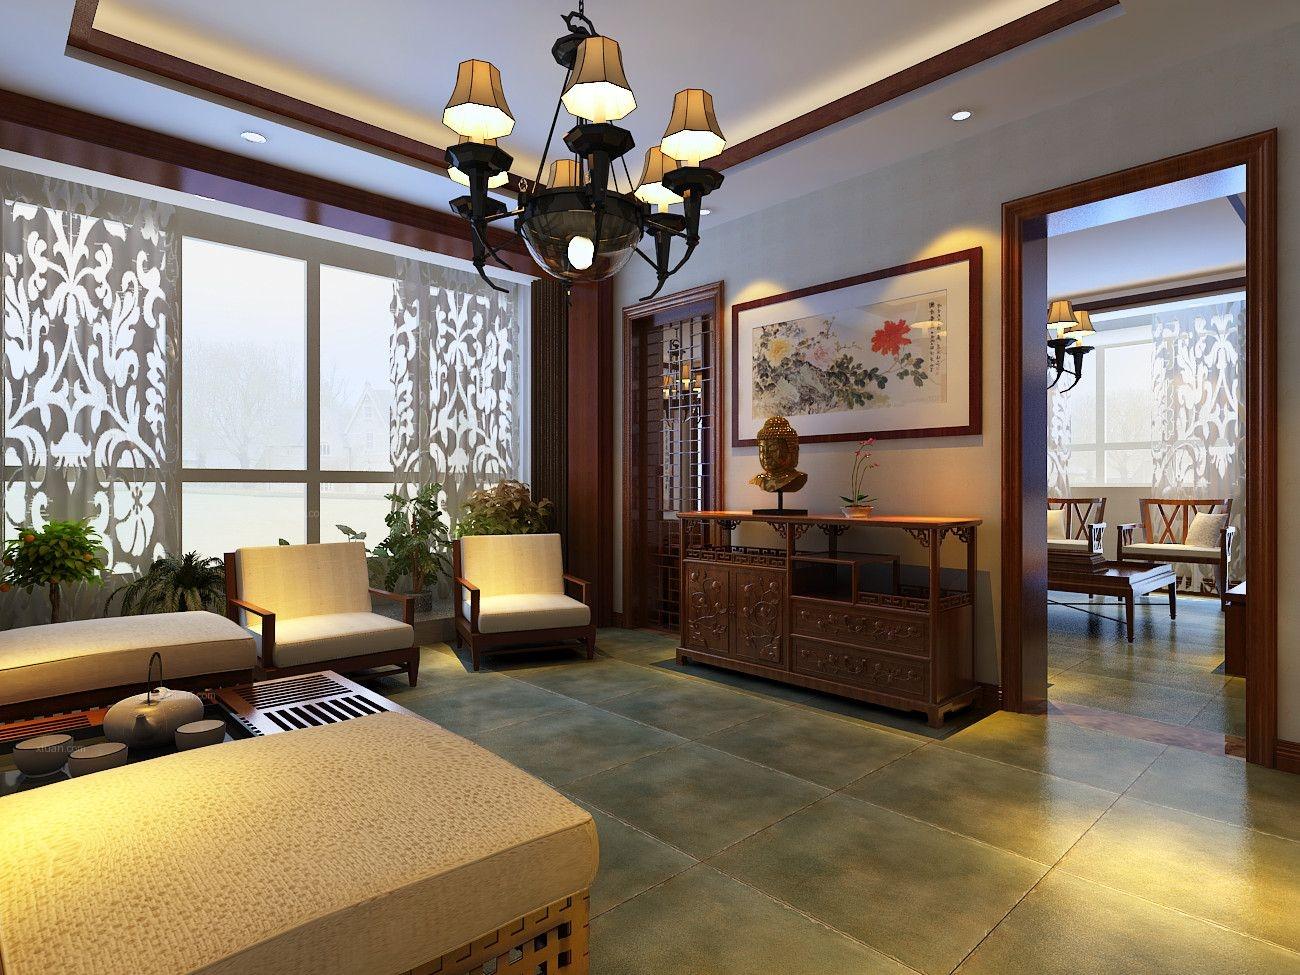 香蓝蒲河80平新中式风格设计装修效果图图片